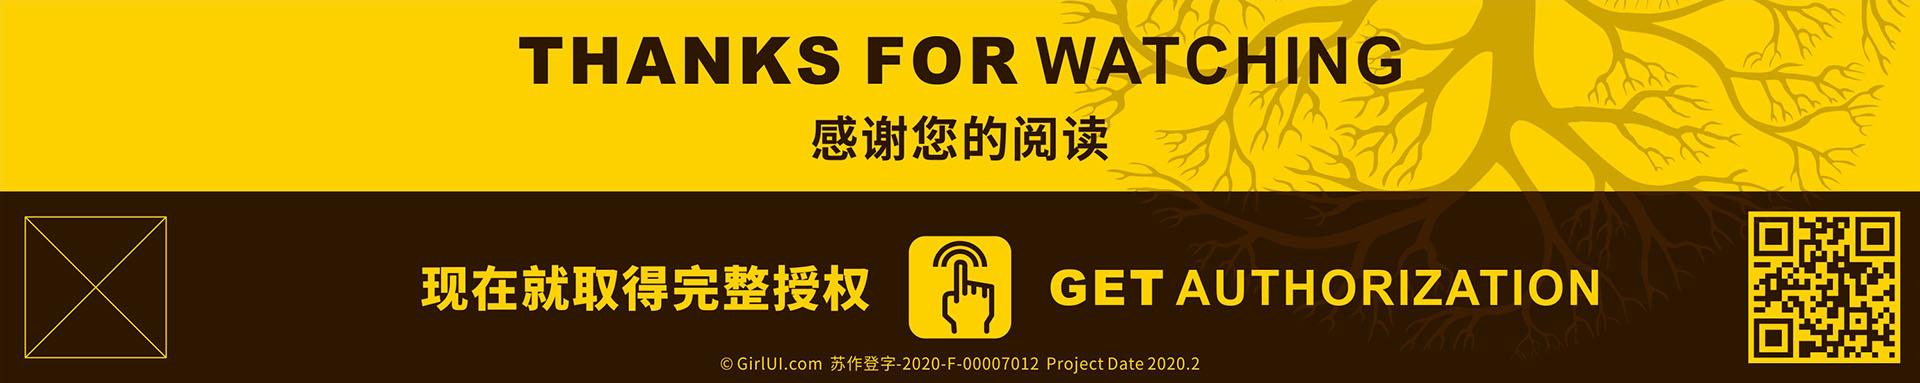 环境保护人人有责——云南绿能 YNLN.com